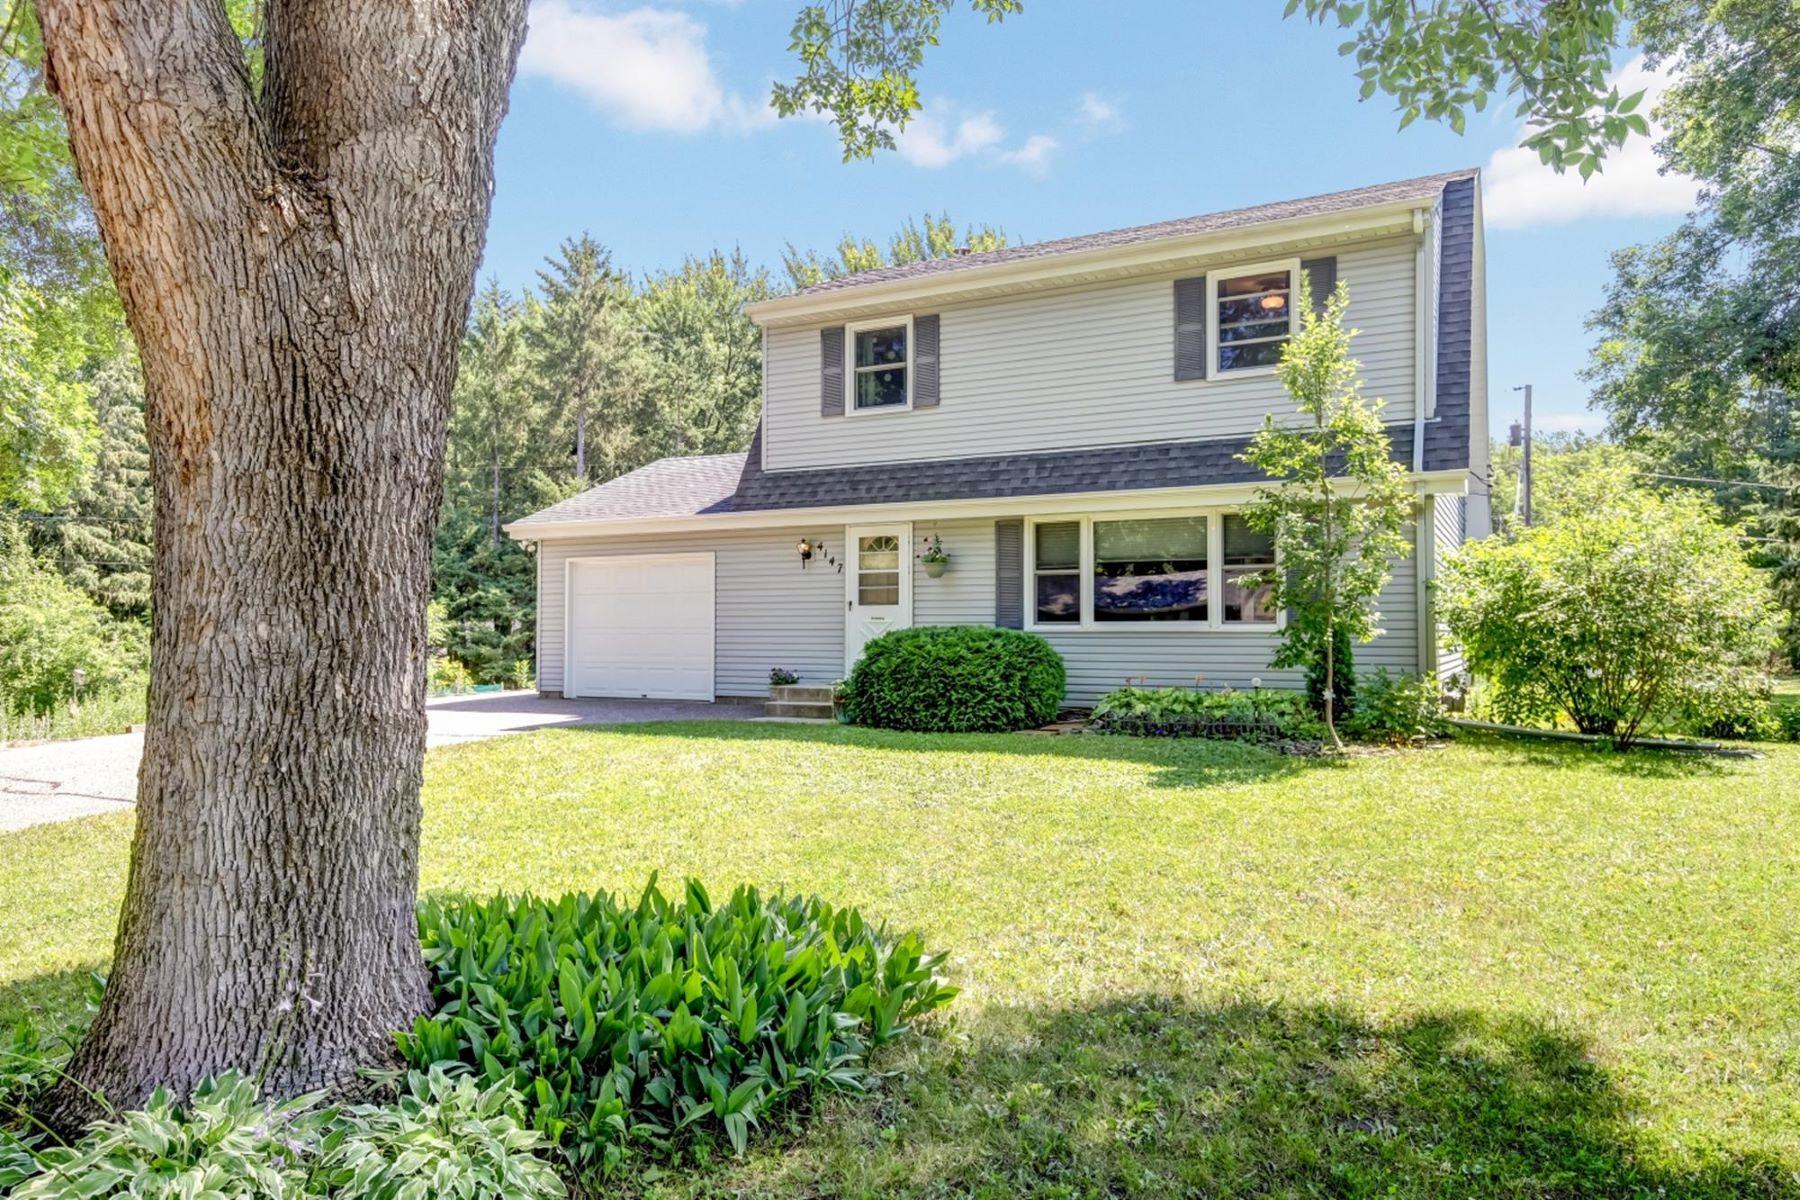 独户住宅 为 销售 在 4147 Hull Road 米妮唐卡, 明尼苏达州, 55305 美国